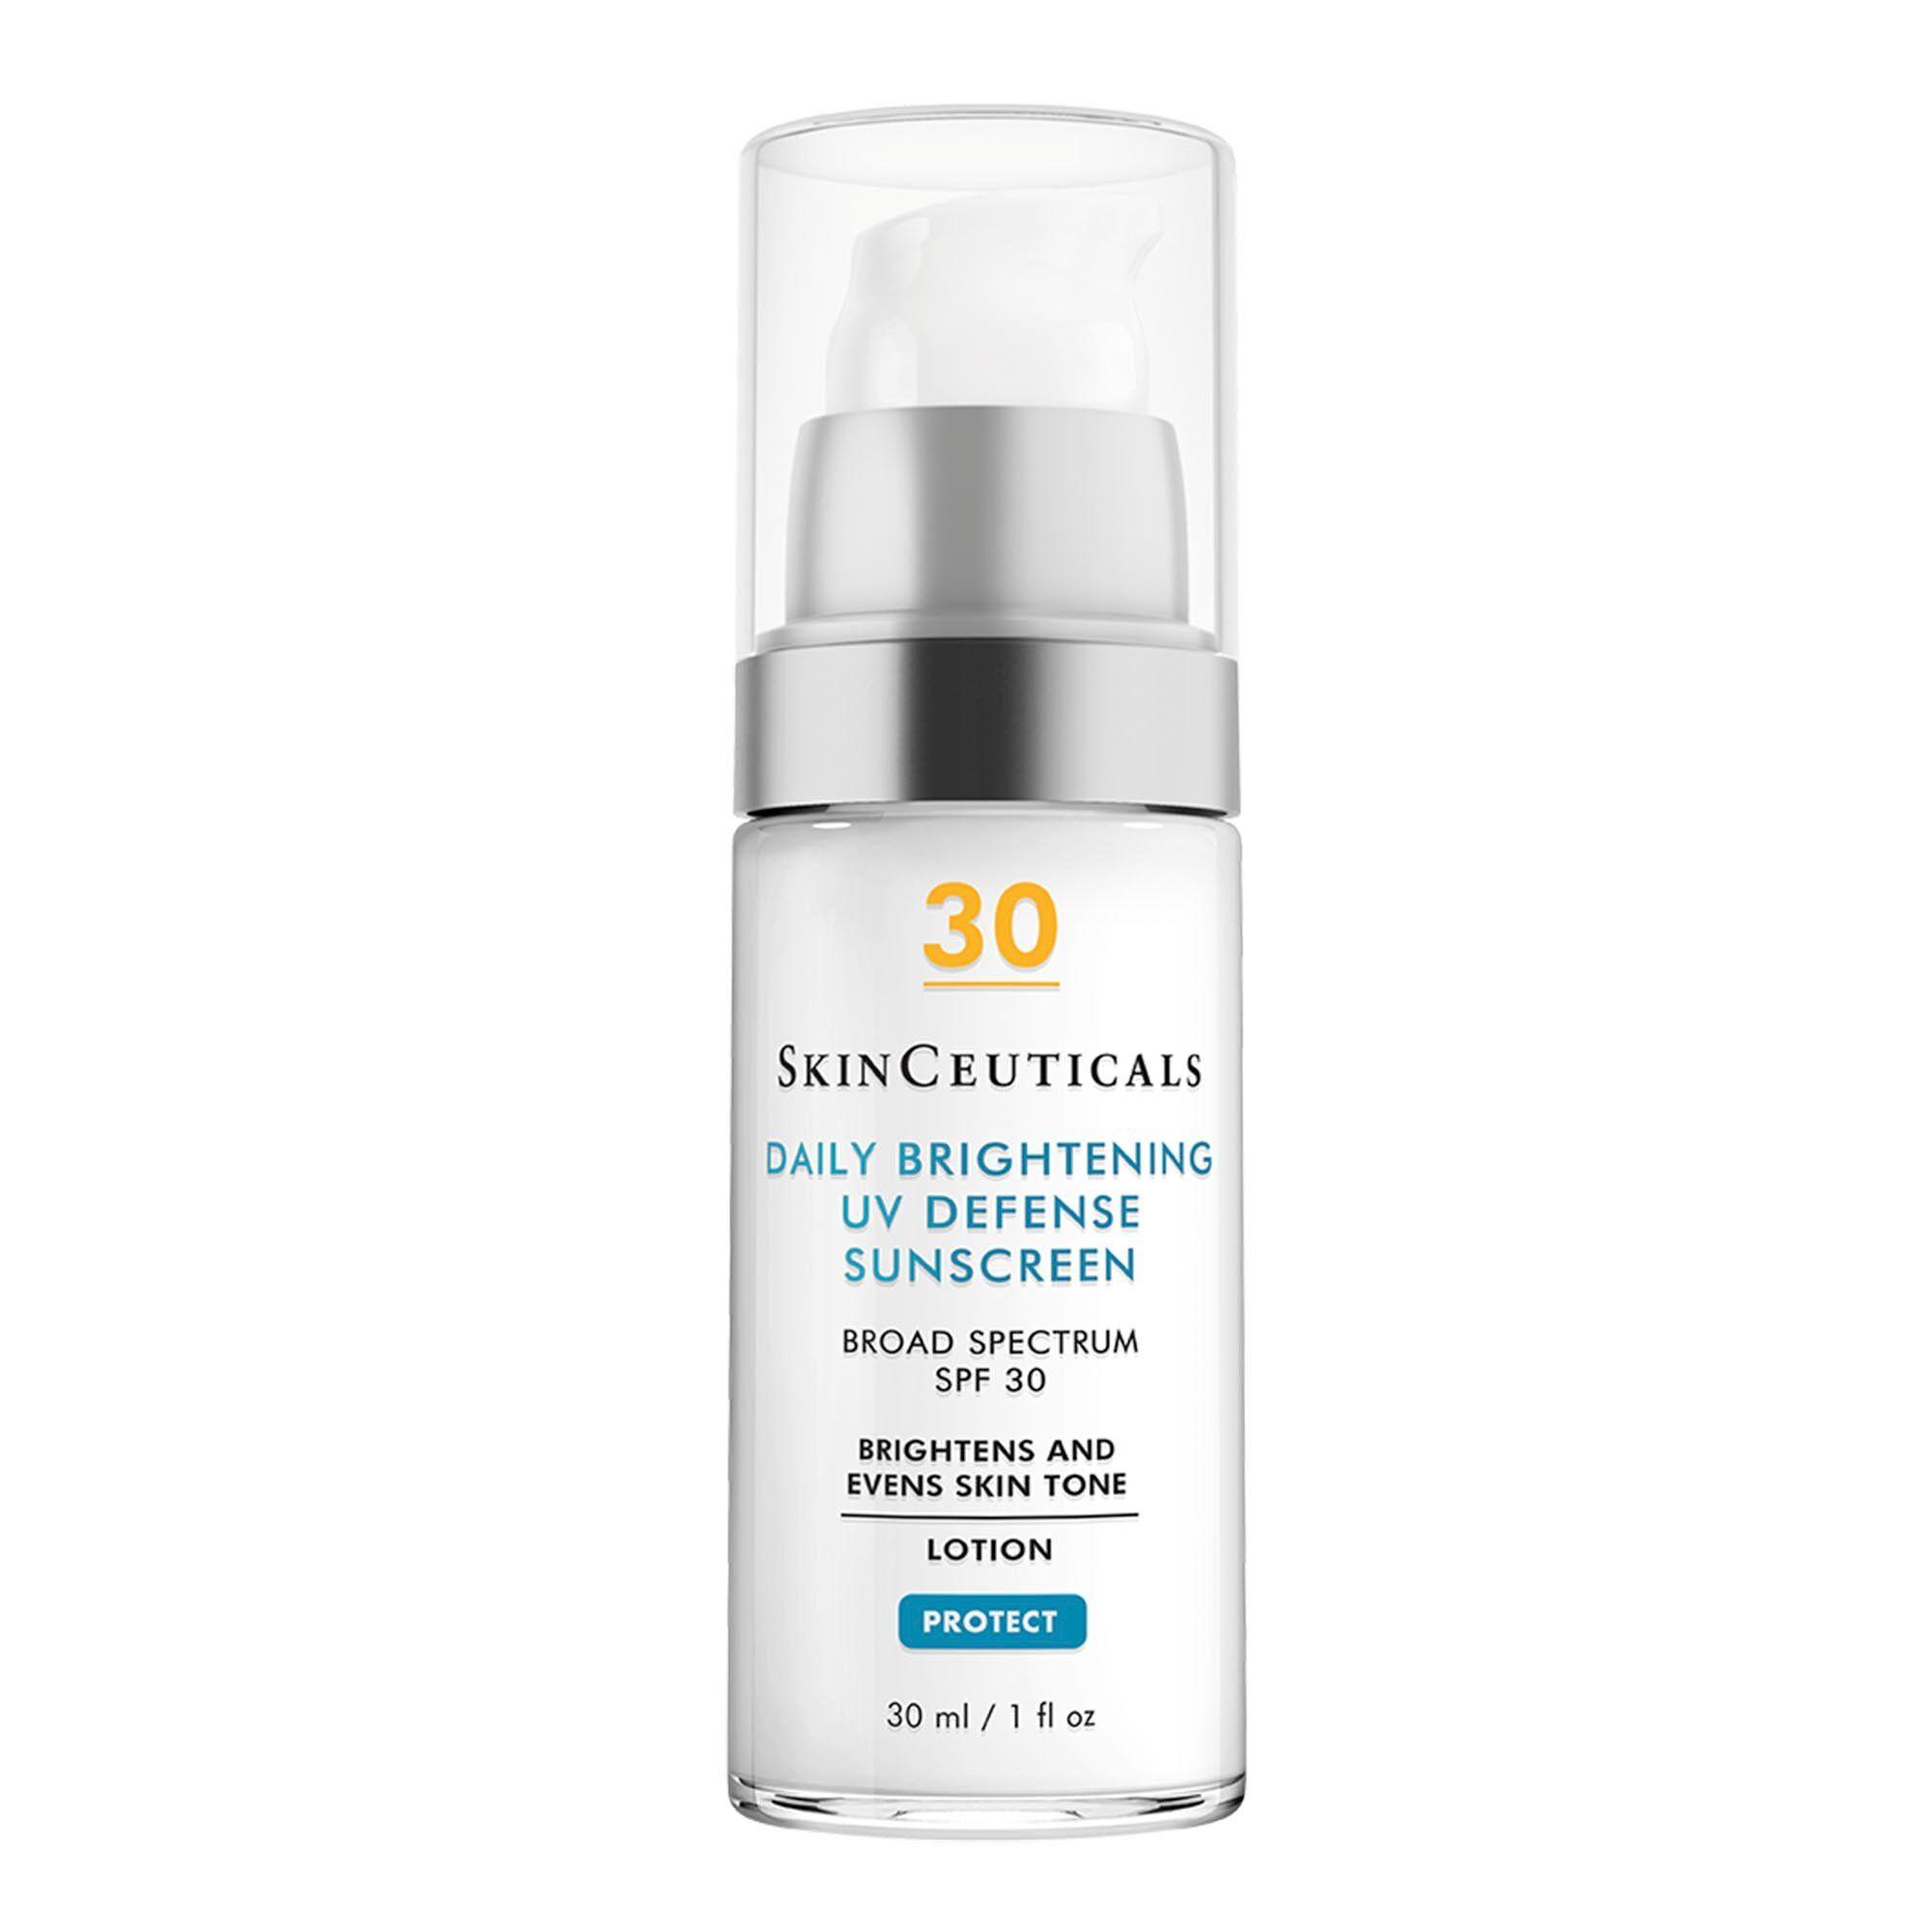 4241 - Daily Brightening UV Defense Sunscreen SPF 30